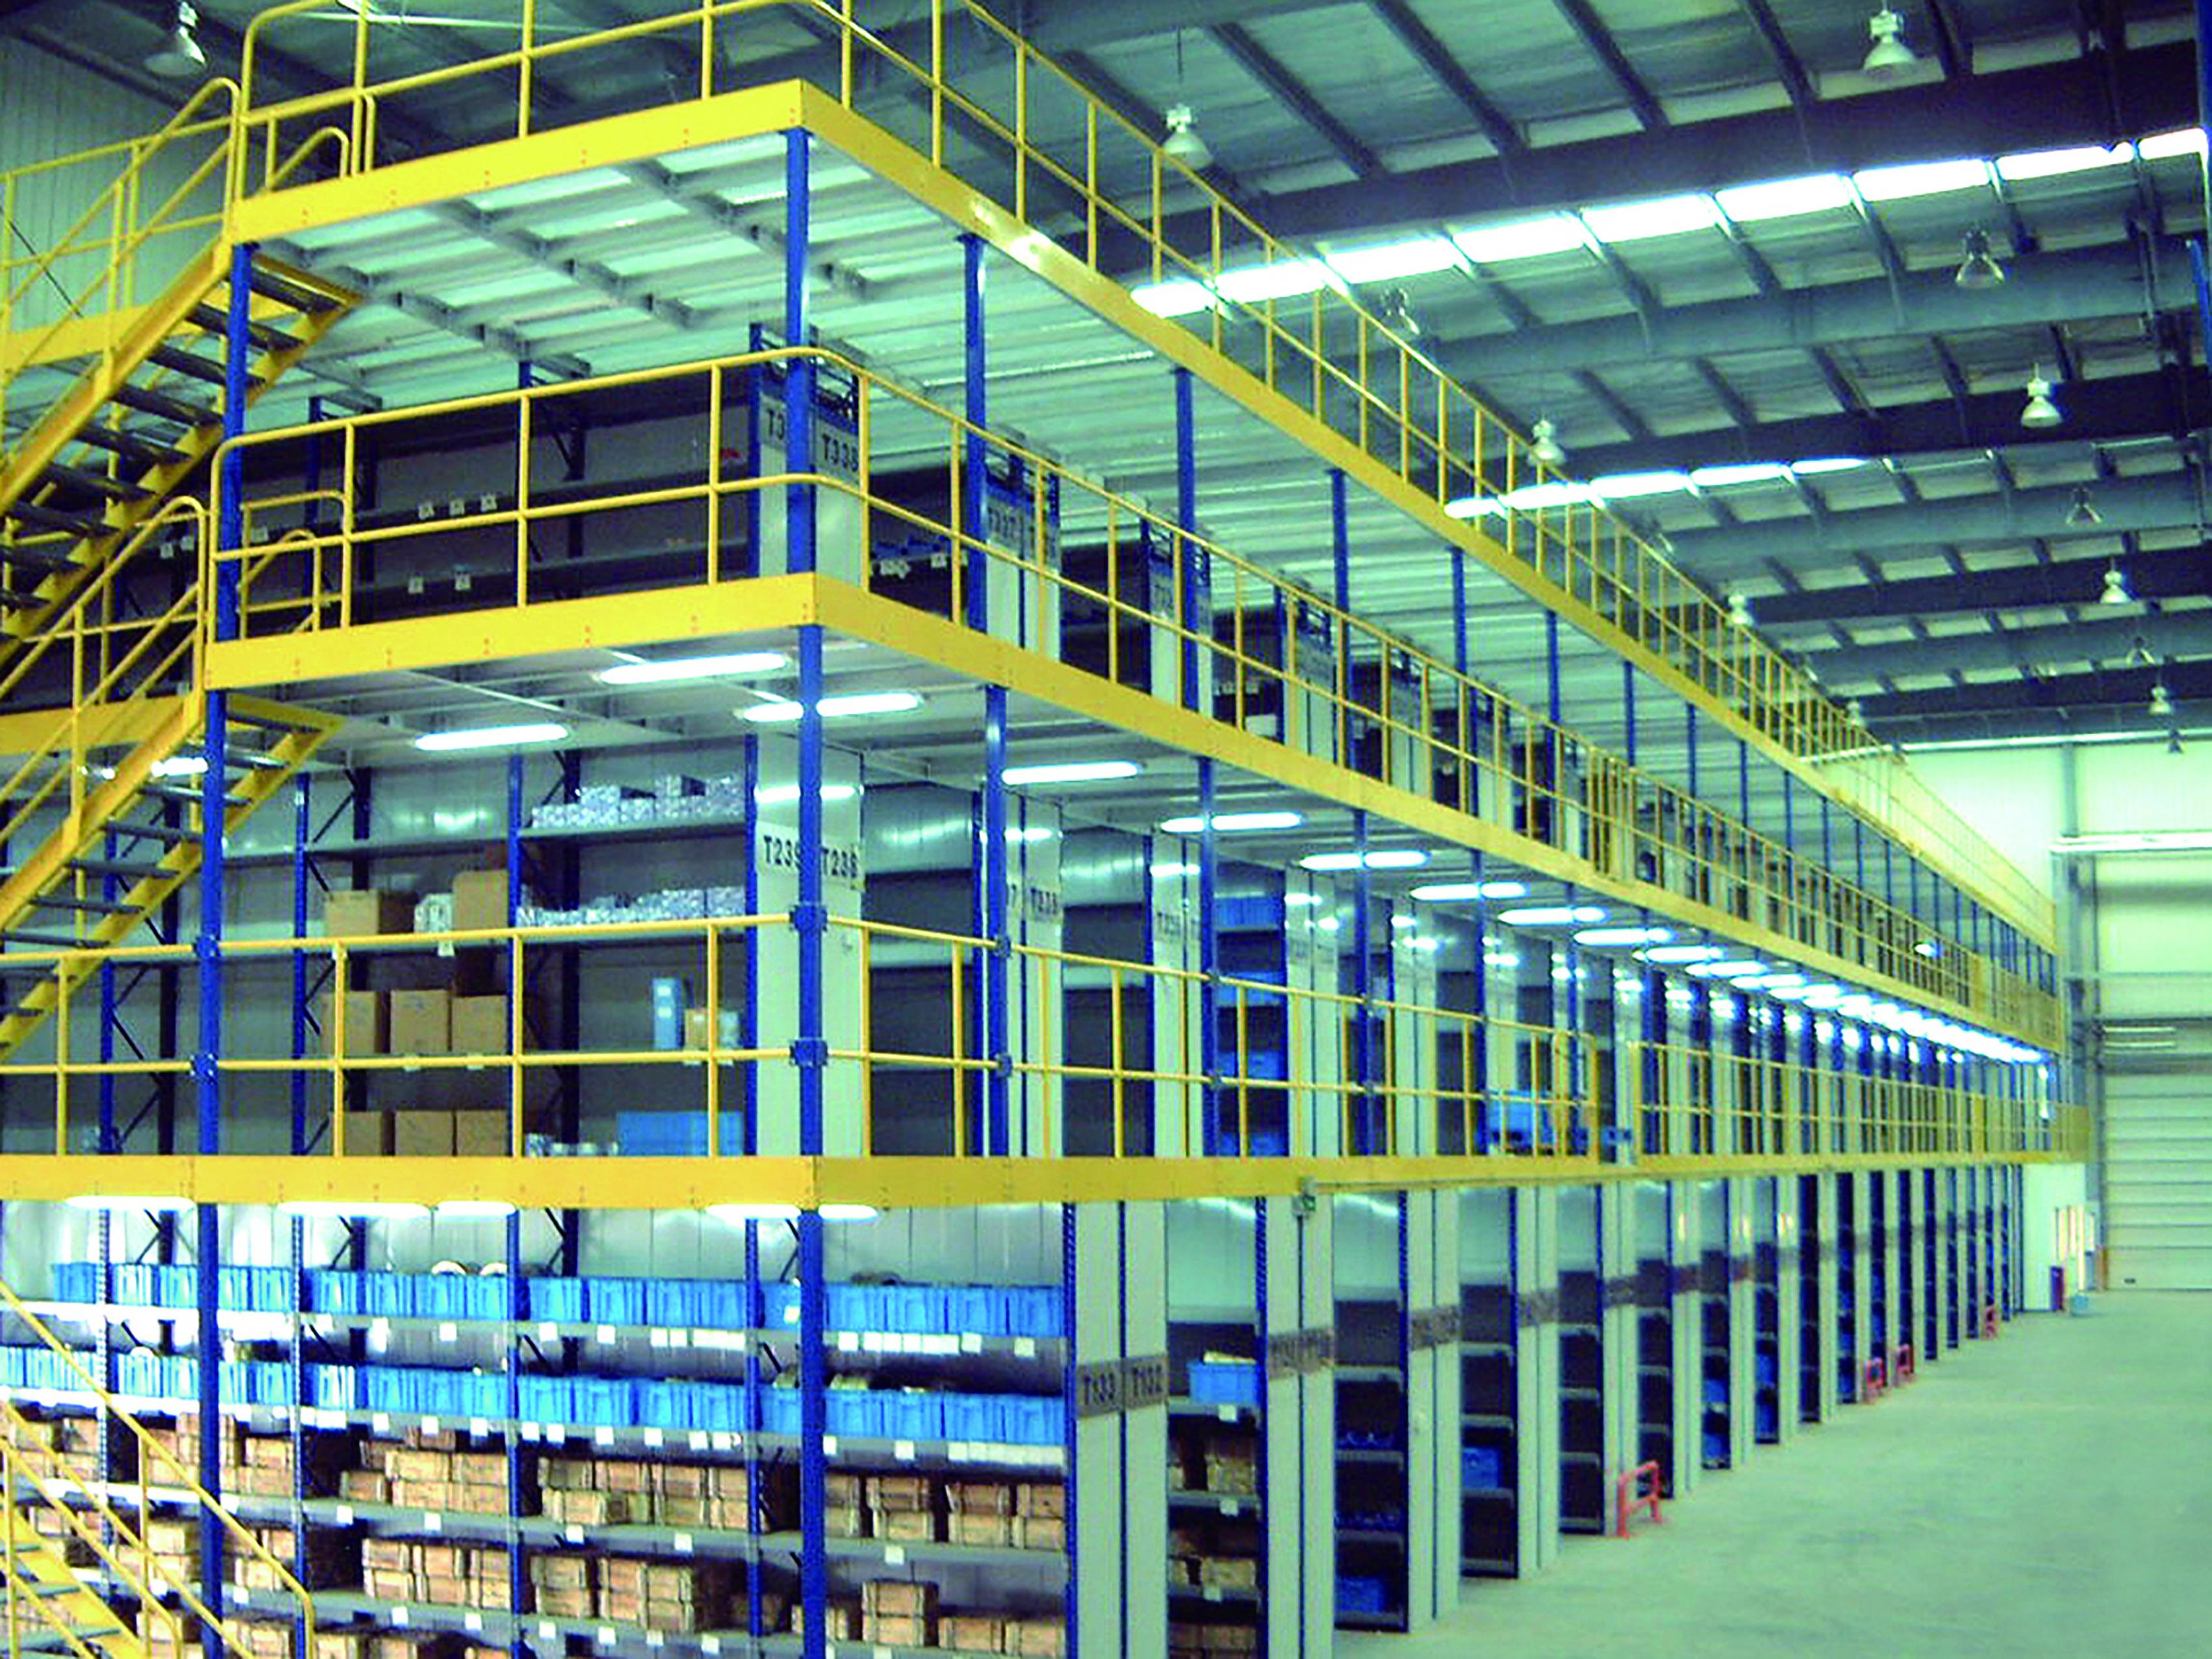 多楼层阁楼式货架系统